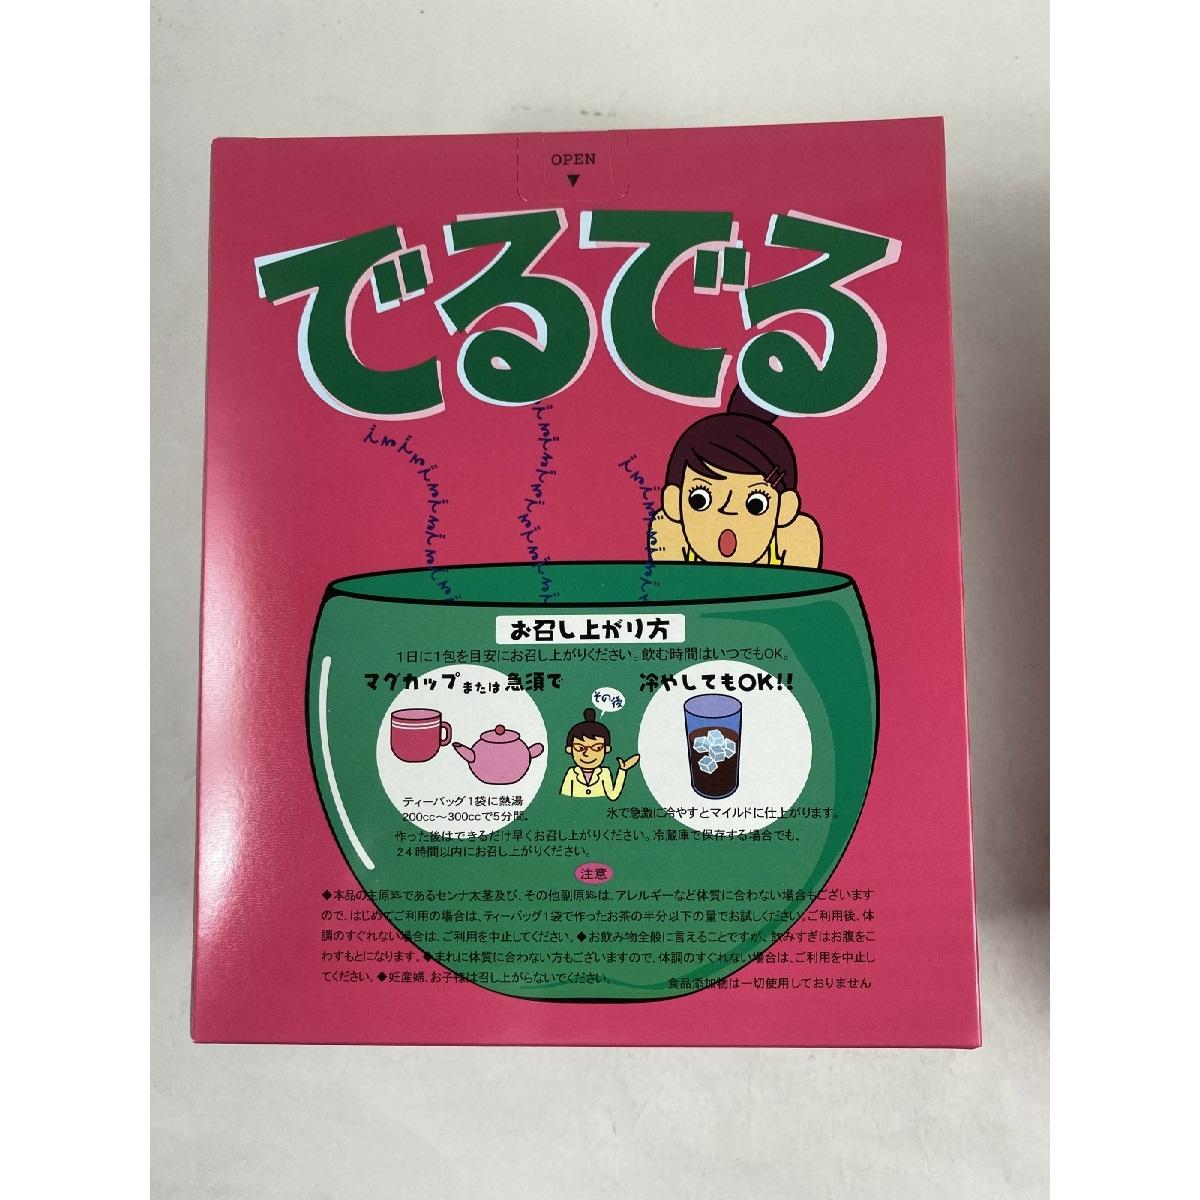 4987351520332 1日1-2ティーバッグのご利用が目安です 飲む時間はいつでもOK 送料込 まとめ買い×4個セット 昭和製薬 はぶ茶 玄米などをブレンドしました 格安 価格でご提供いたします センナ太茎 48包 毎朝のスッキリ感をサポートする健康茶です でるでるW 店舗